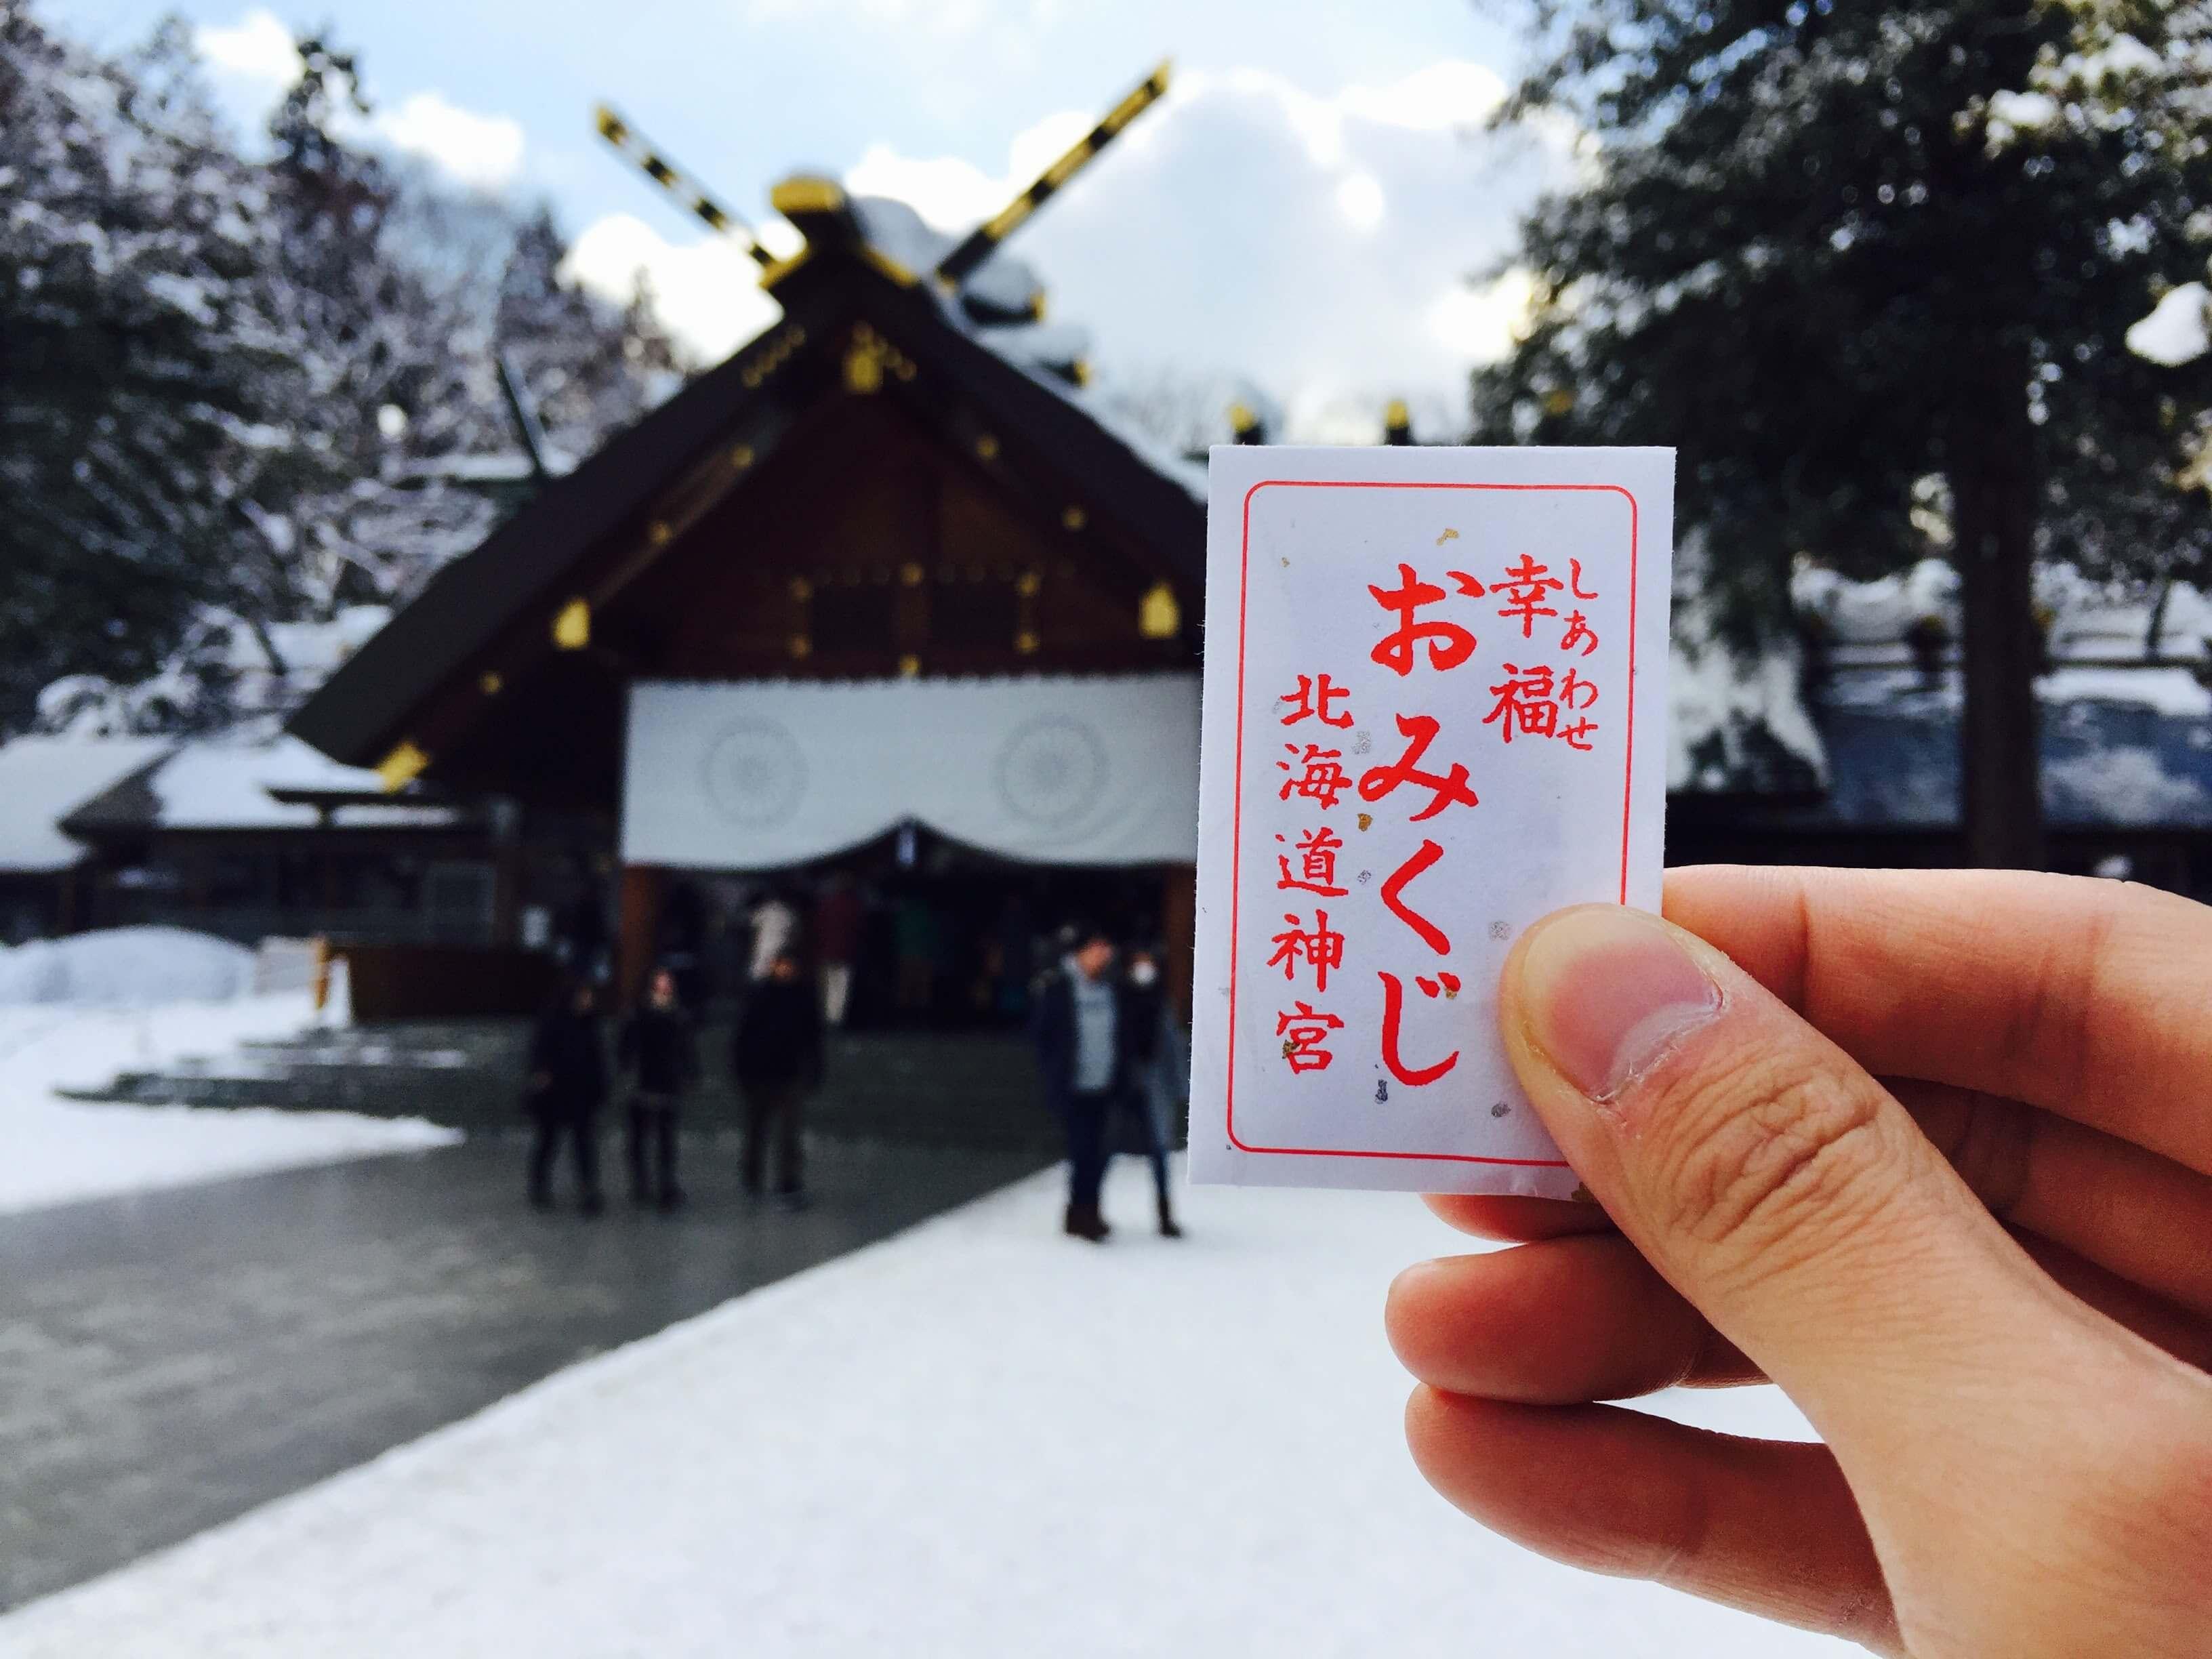 北 海 道 神 宮 戀 愛 御 守 。